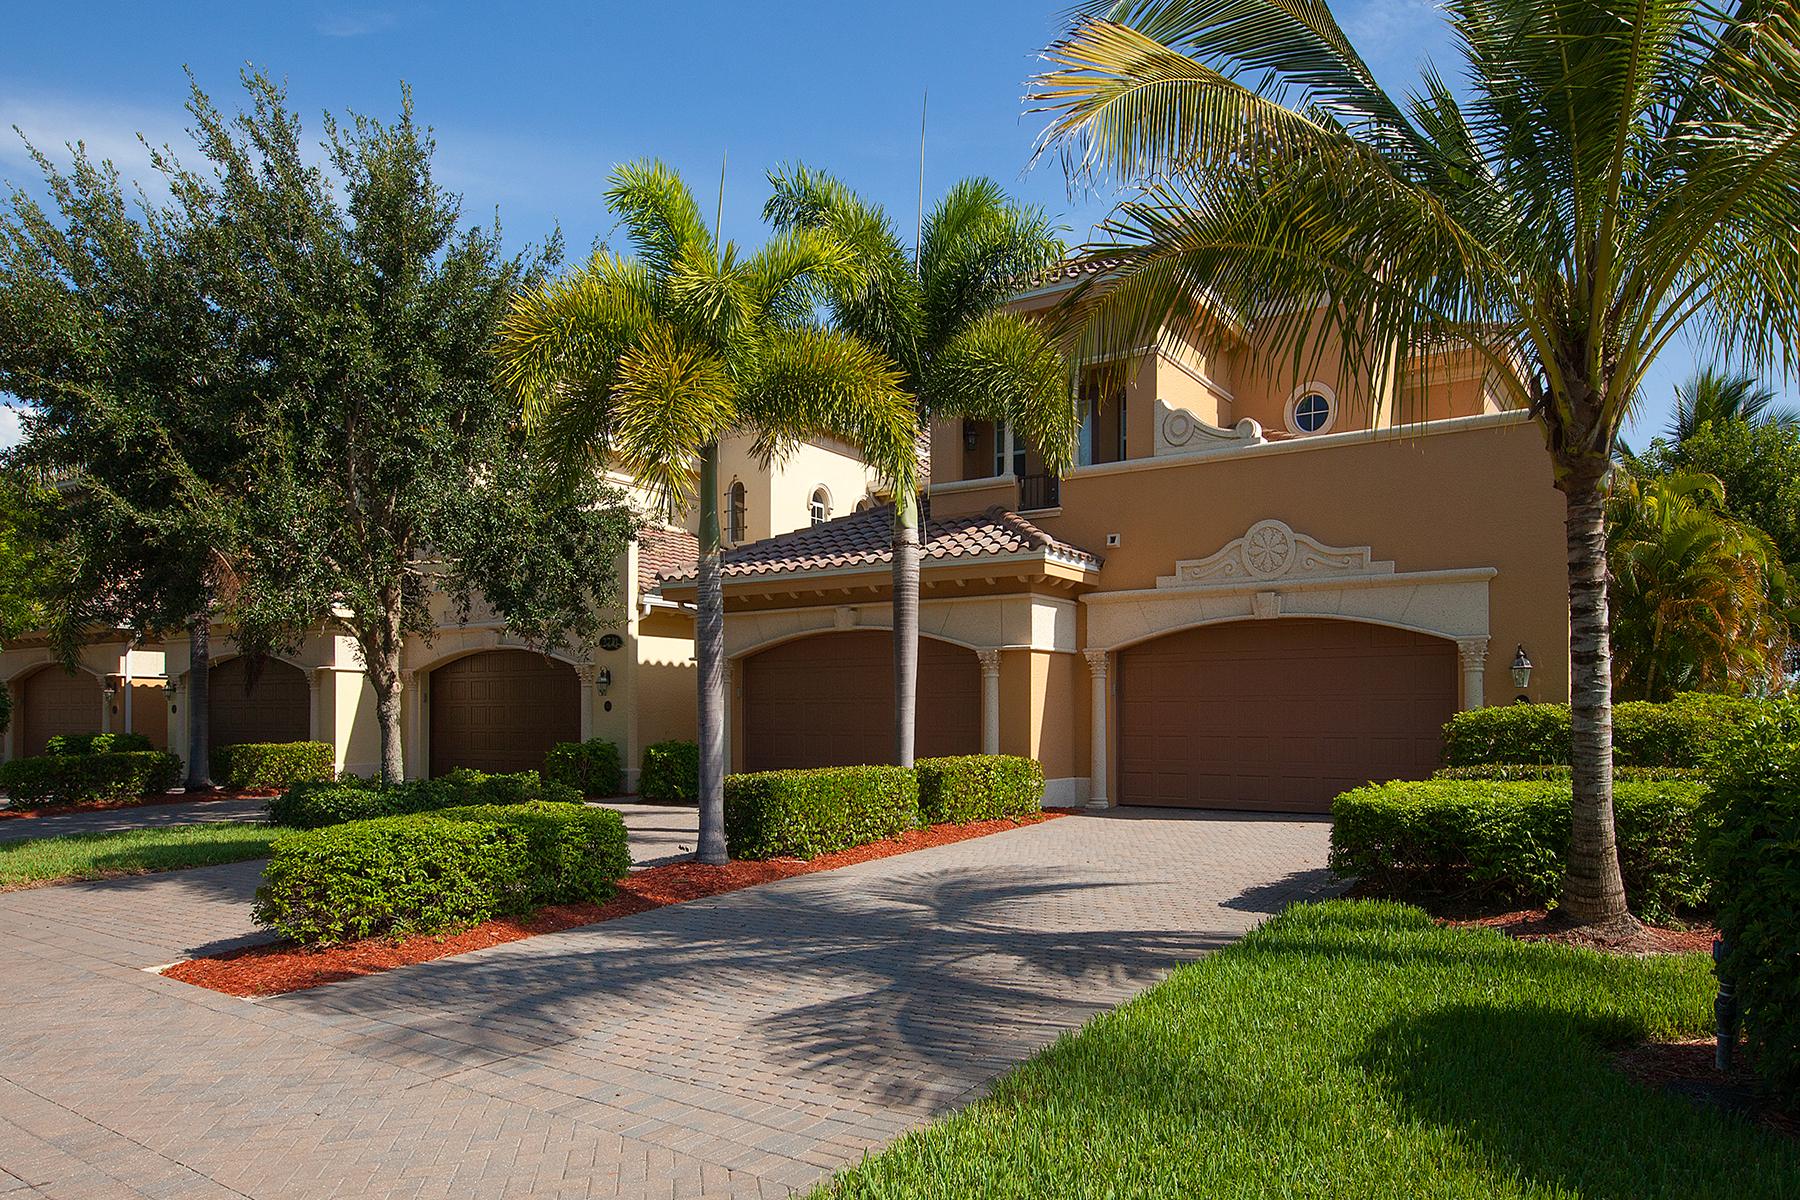 Condominium for Sale at FIDDLER'S CREEK - CALLISTA 2731 Aviamar Cir 104 Naples, Florida 34114 United States